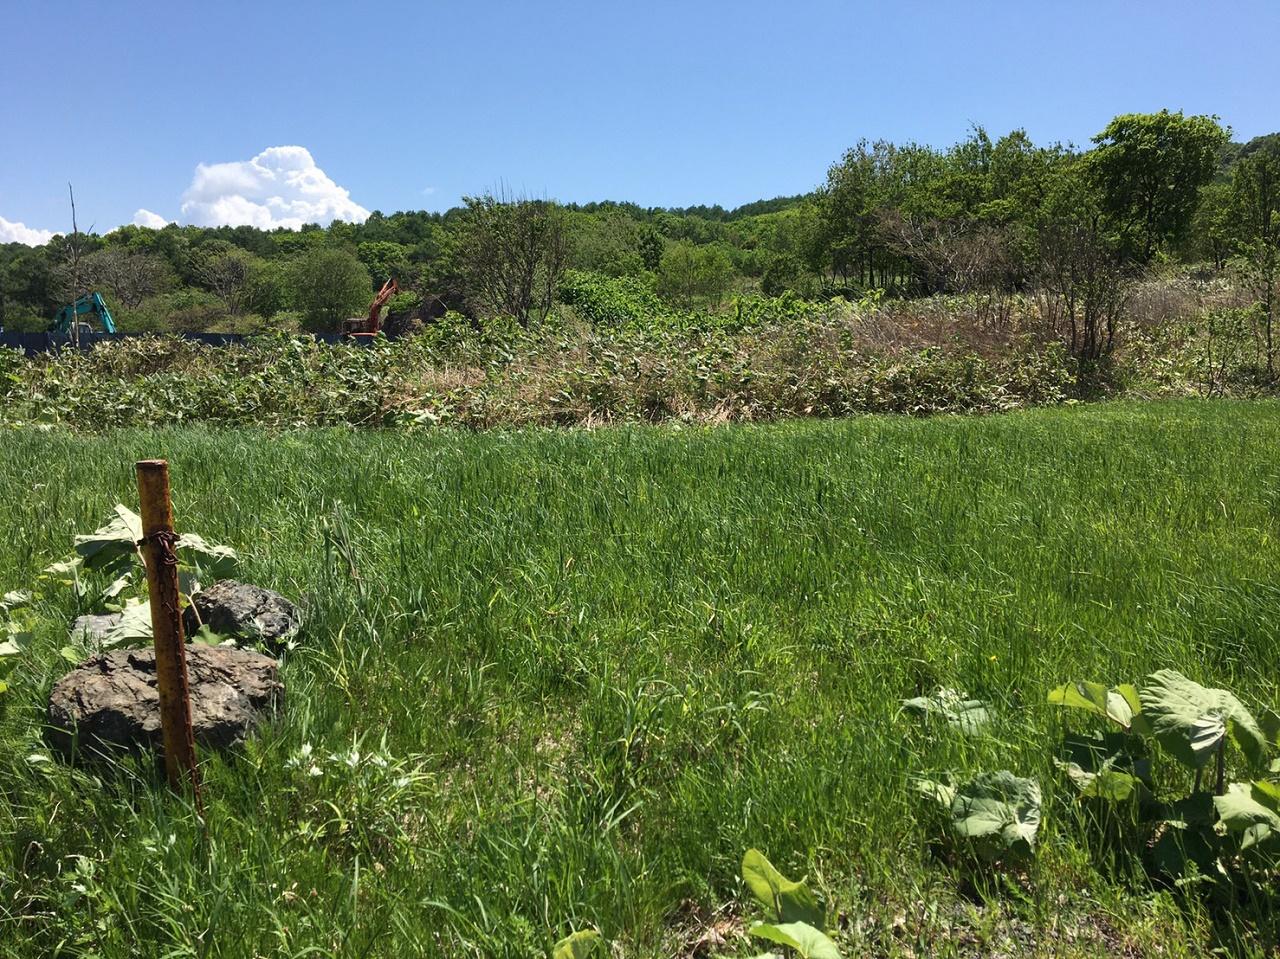 小屋を建てる場所は山林内